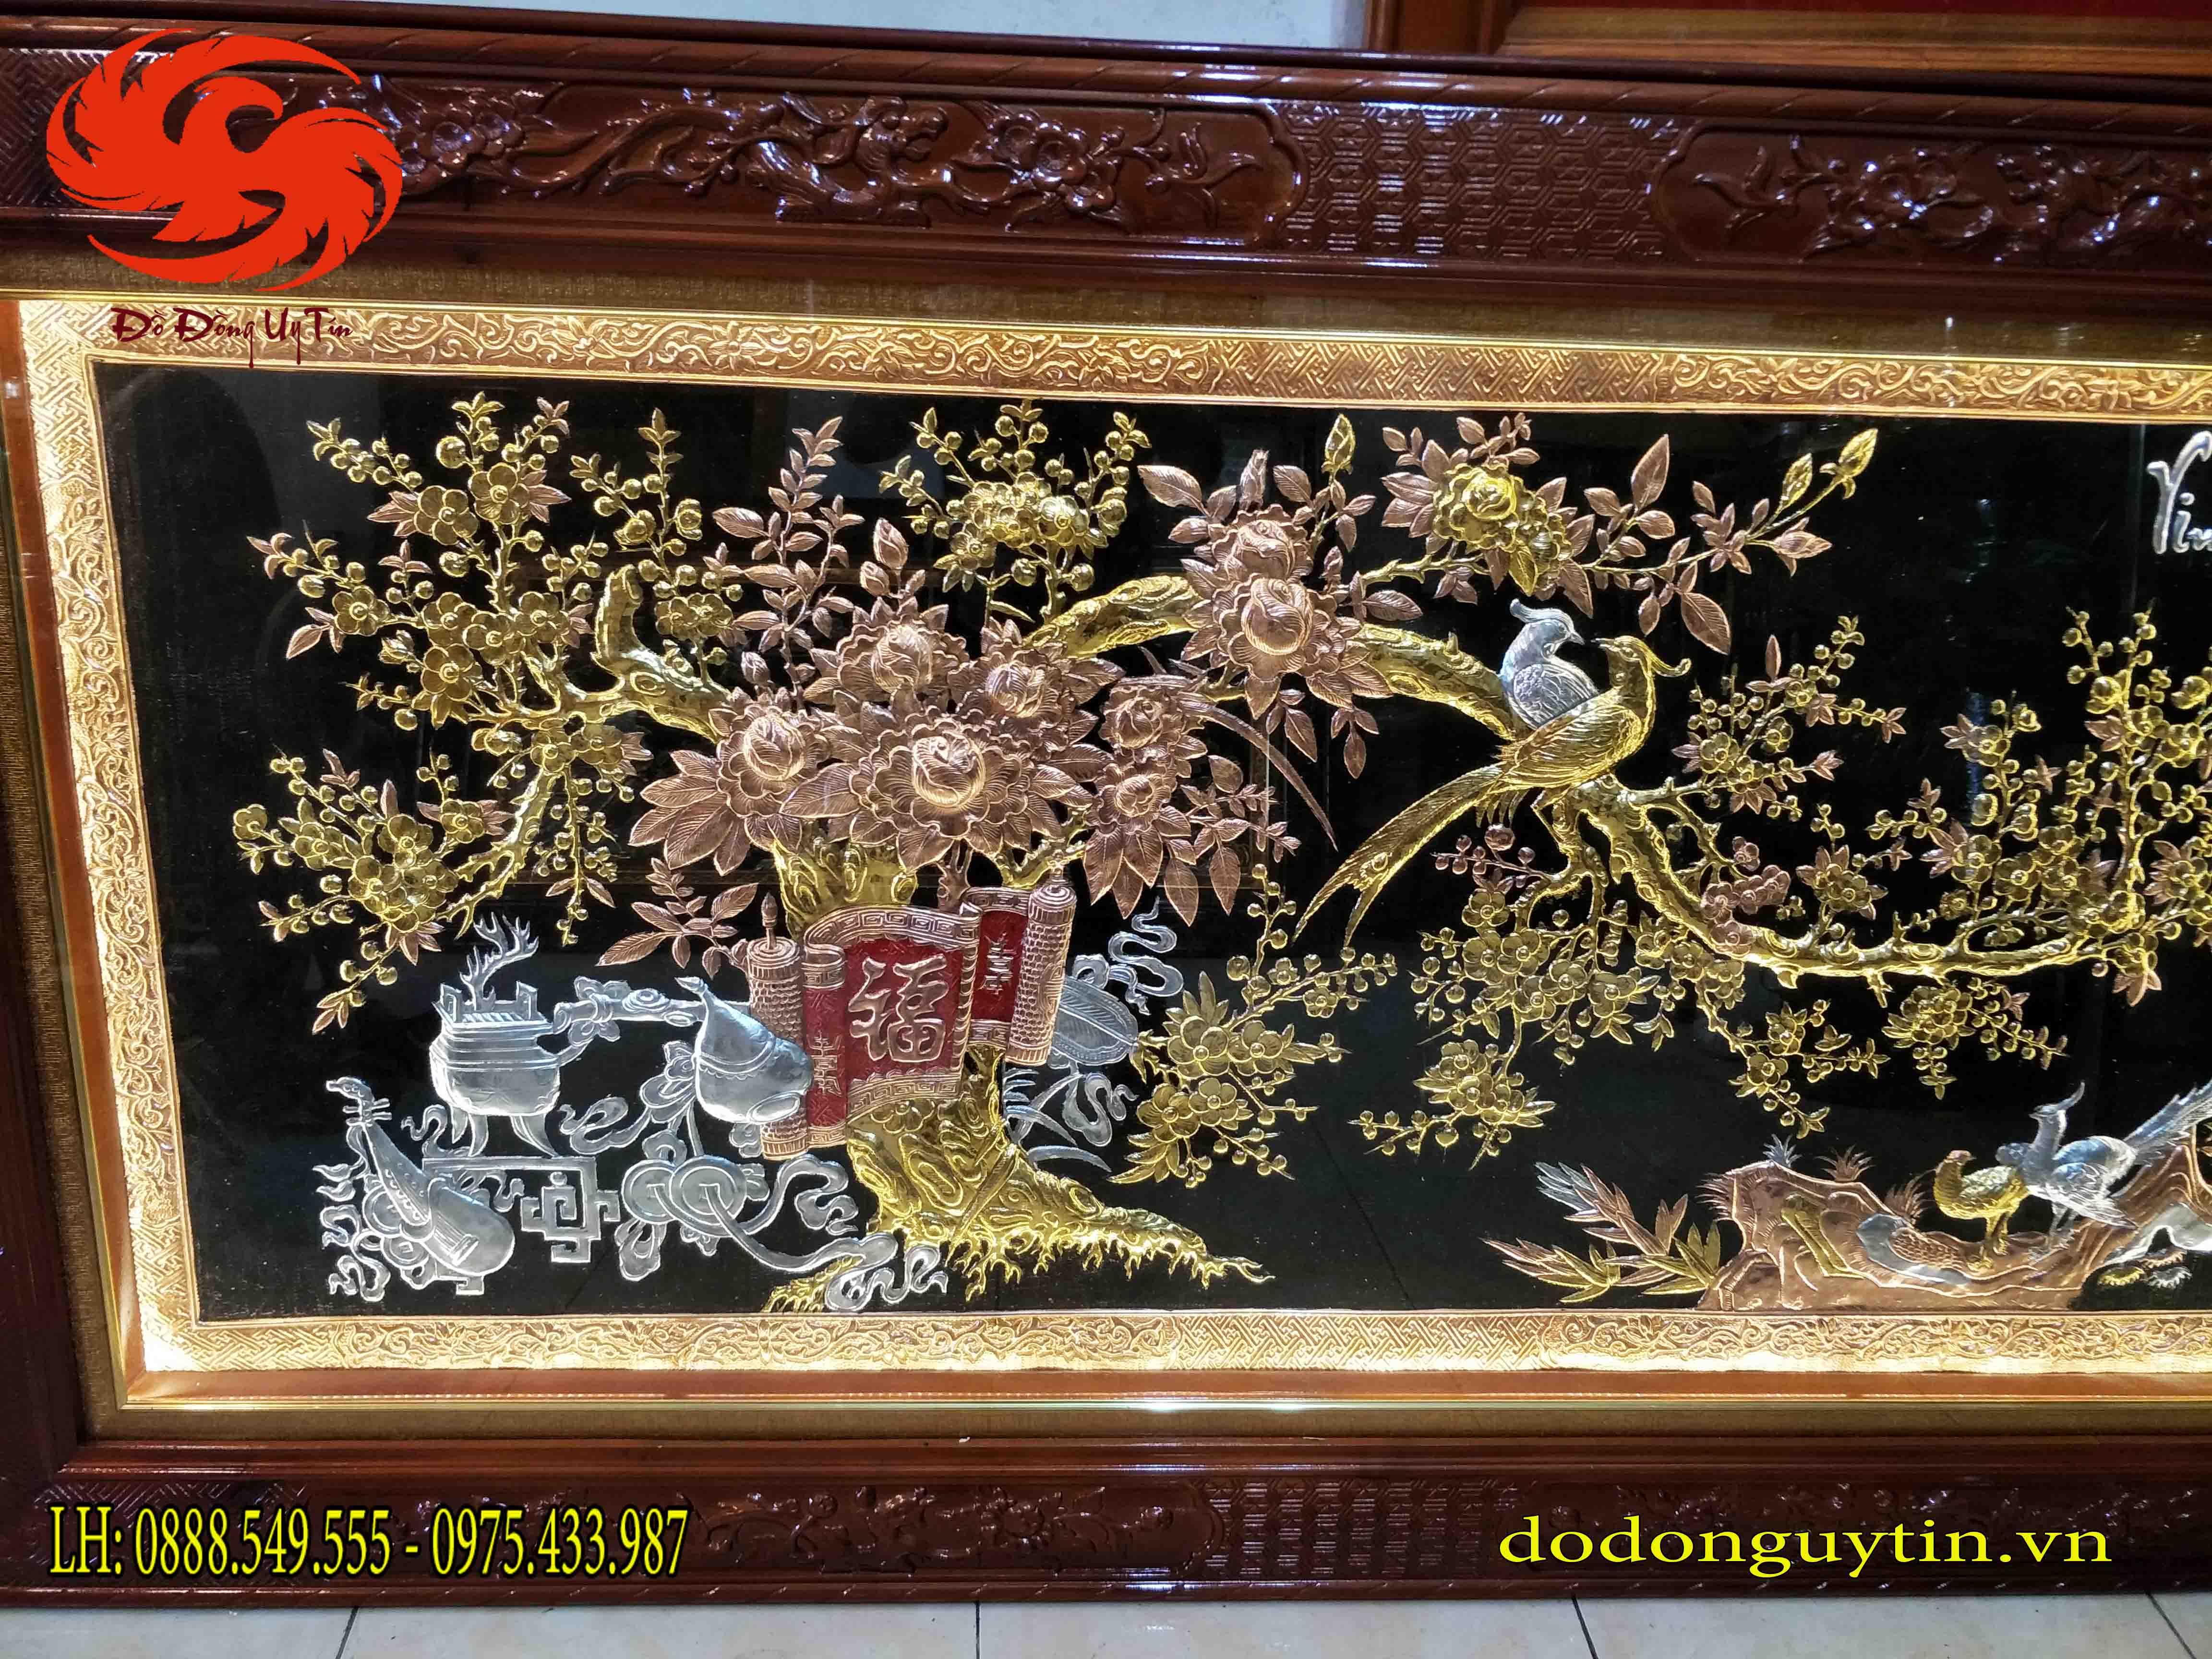 Tranh đồng VInh hoa phú quý - Đồ đồng Uy tín